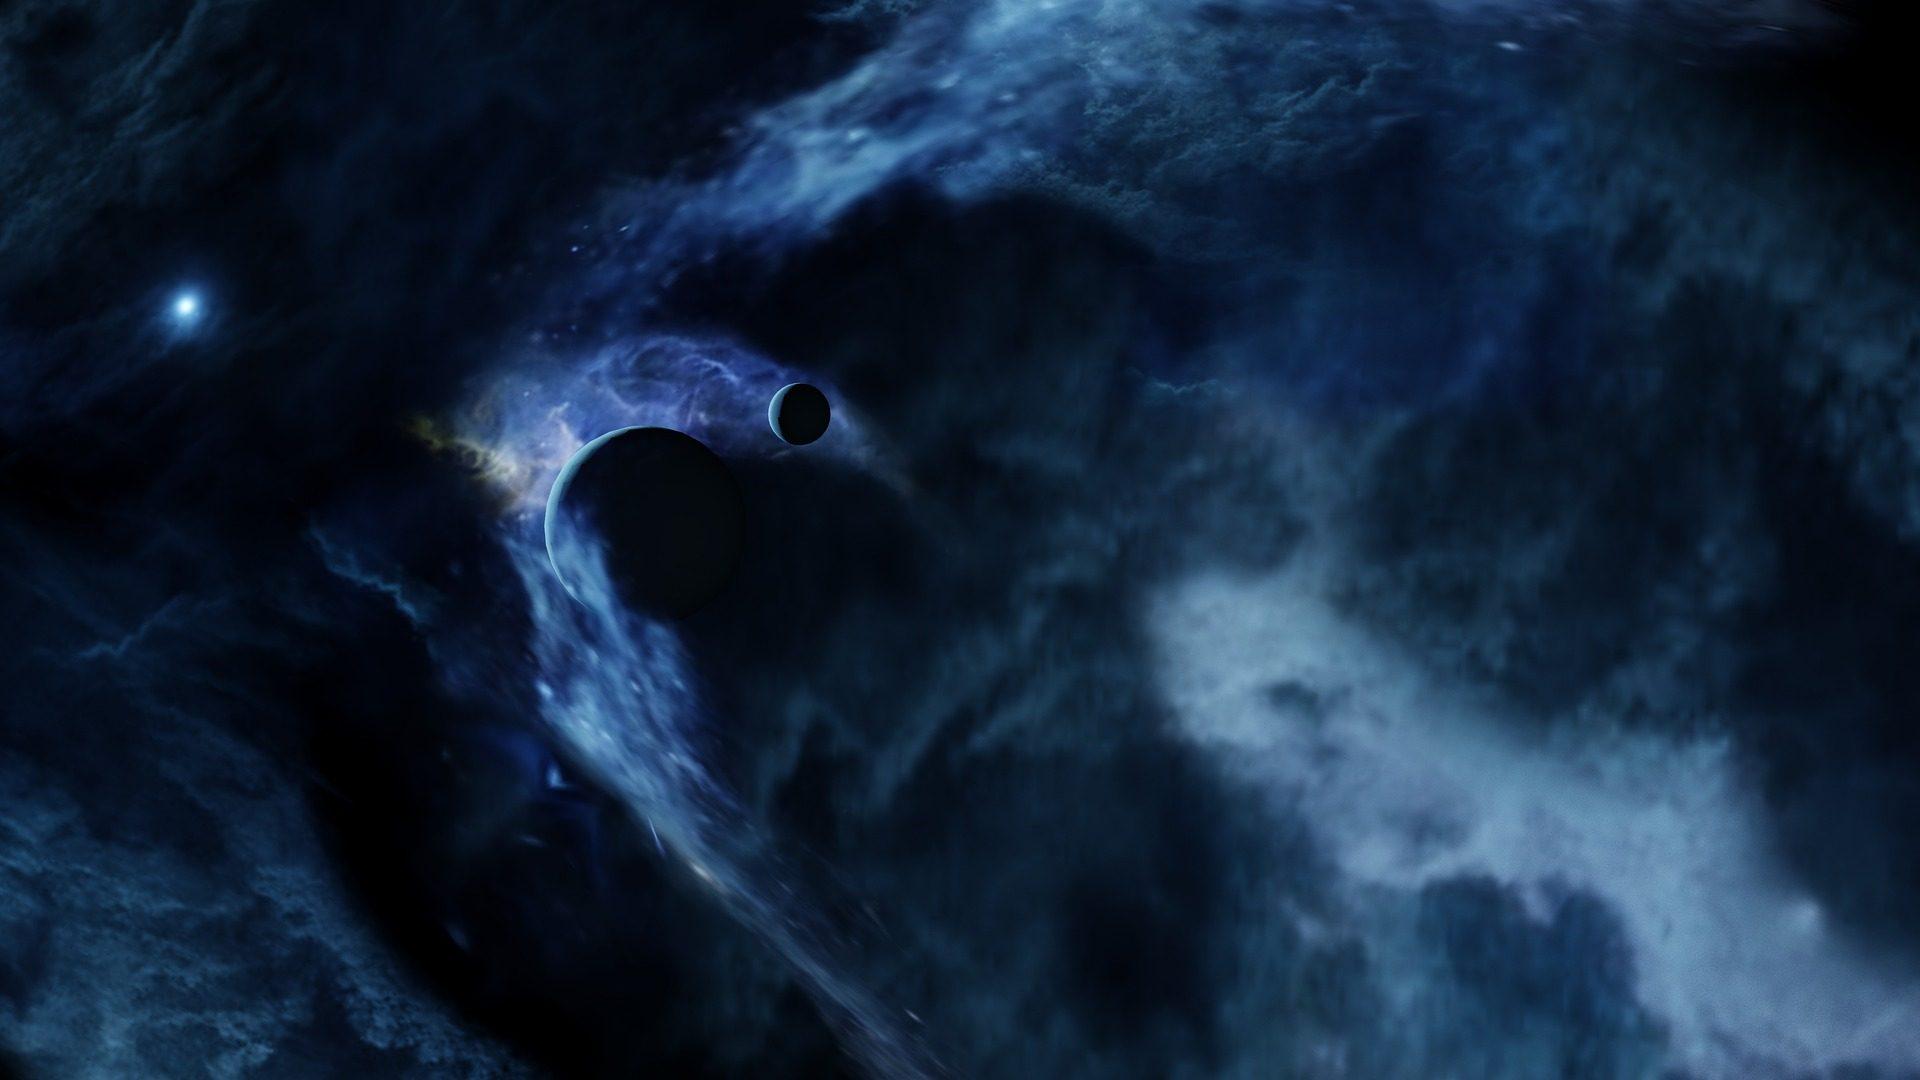 spazio, pianeti, Nebulosa, Cosmo, Galaxy - Sfondi HD - Professor-falken.com